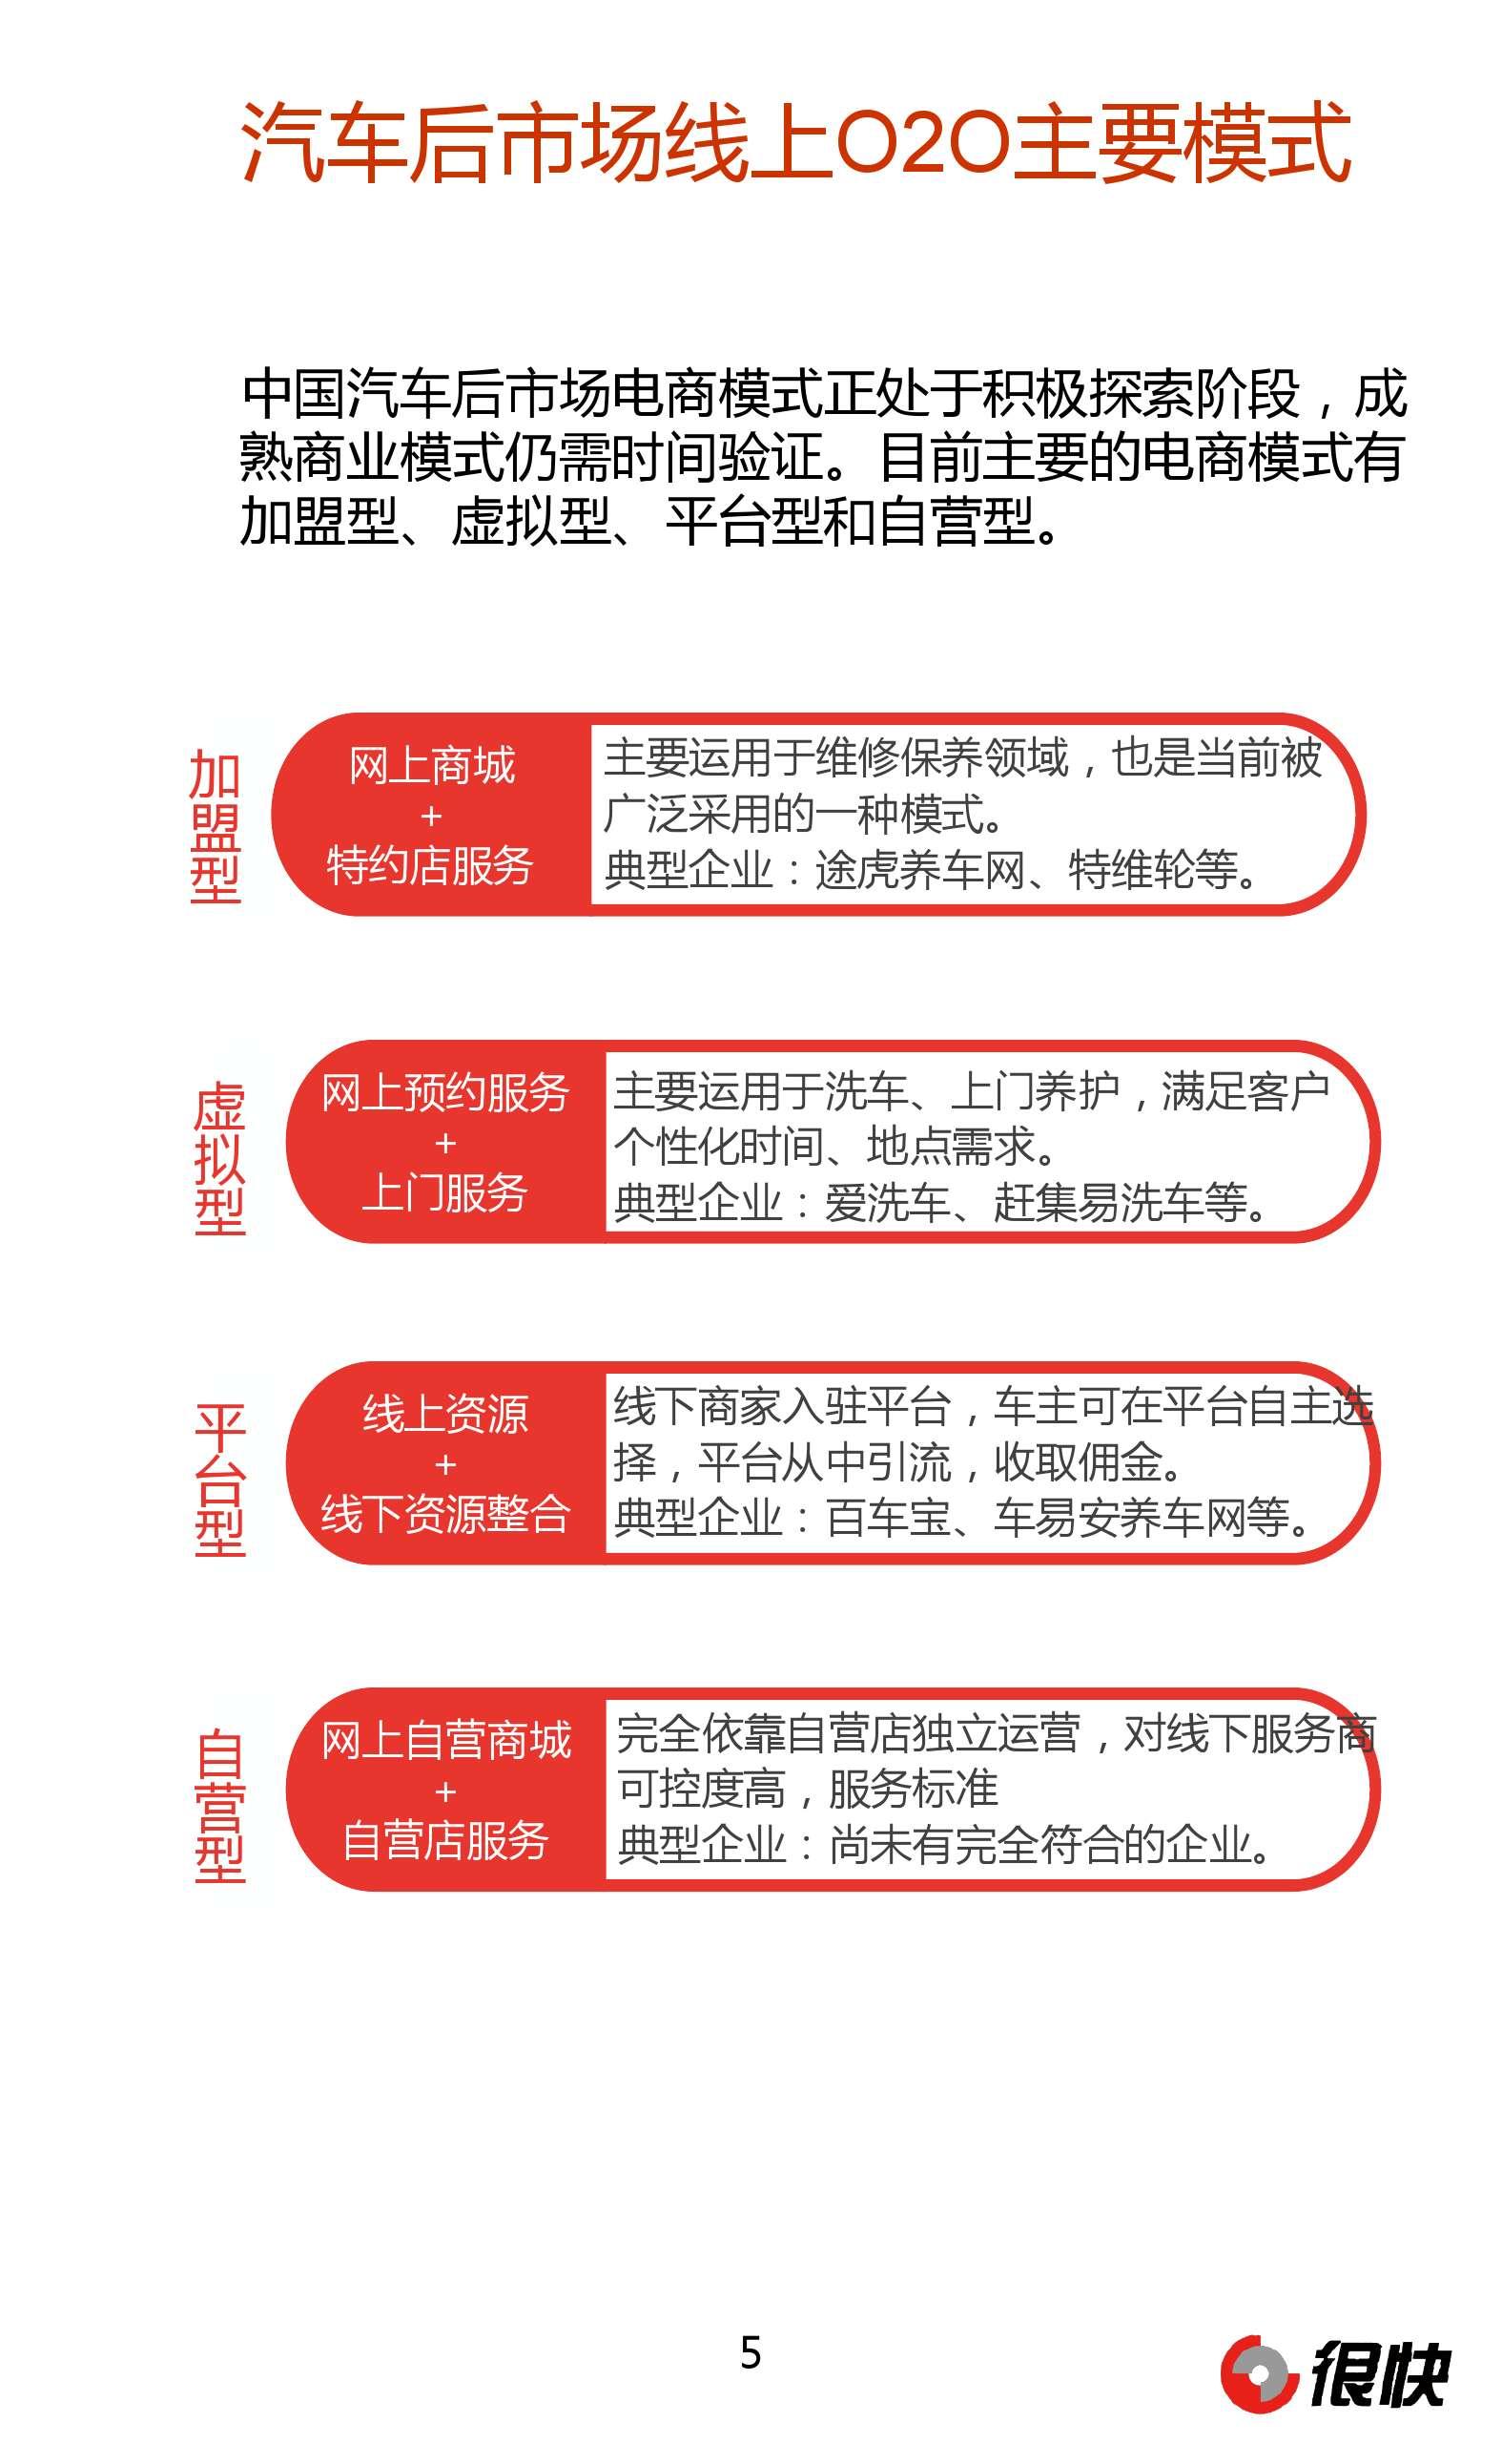 Henkuai-中国汽车后市场微信公众号数据洞察报告_000005